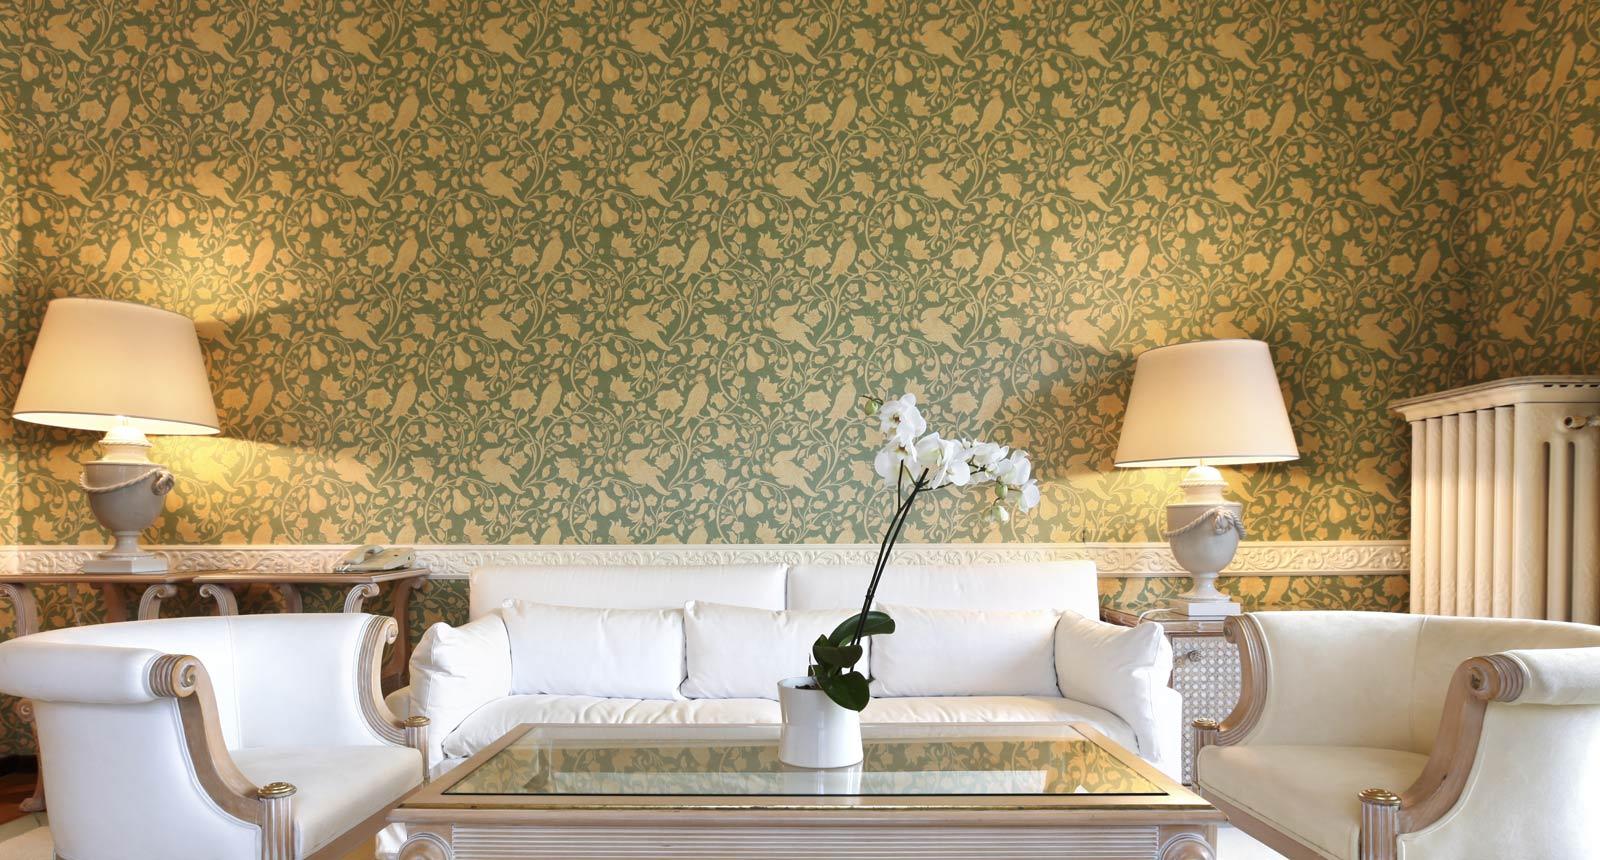 Wallpaper Installation In dubai